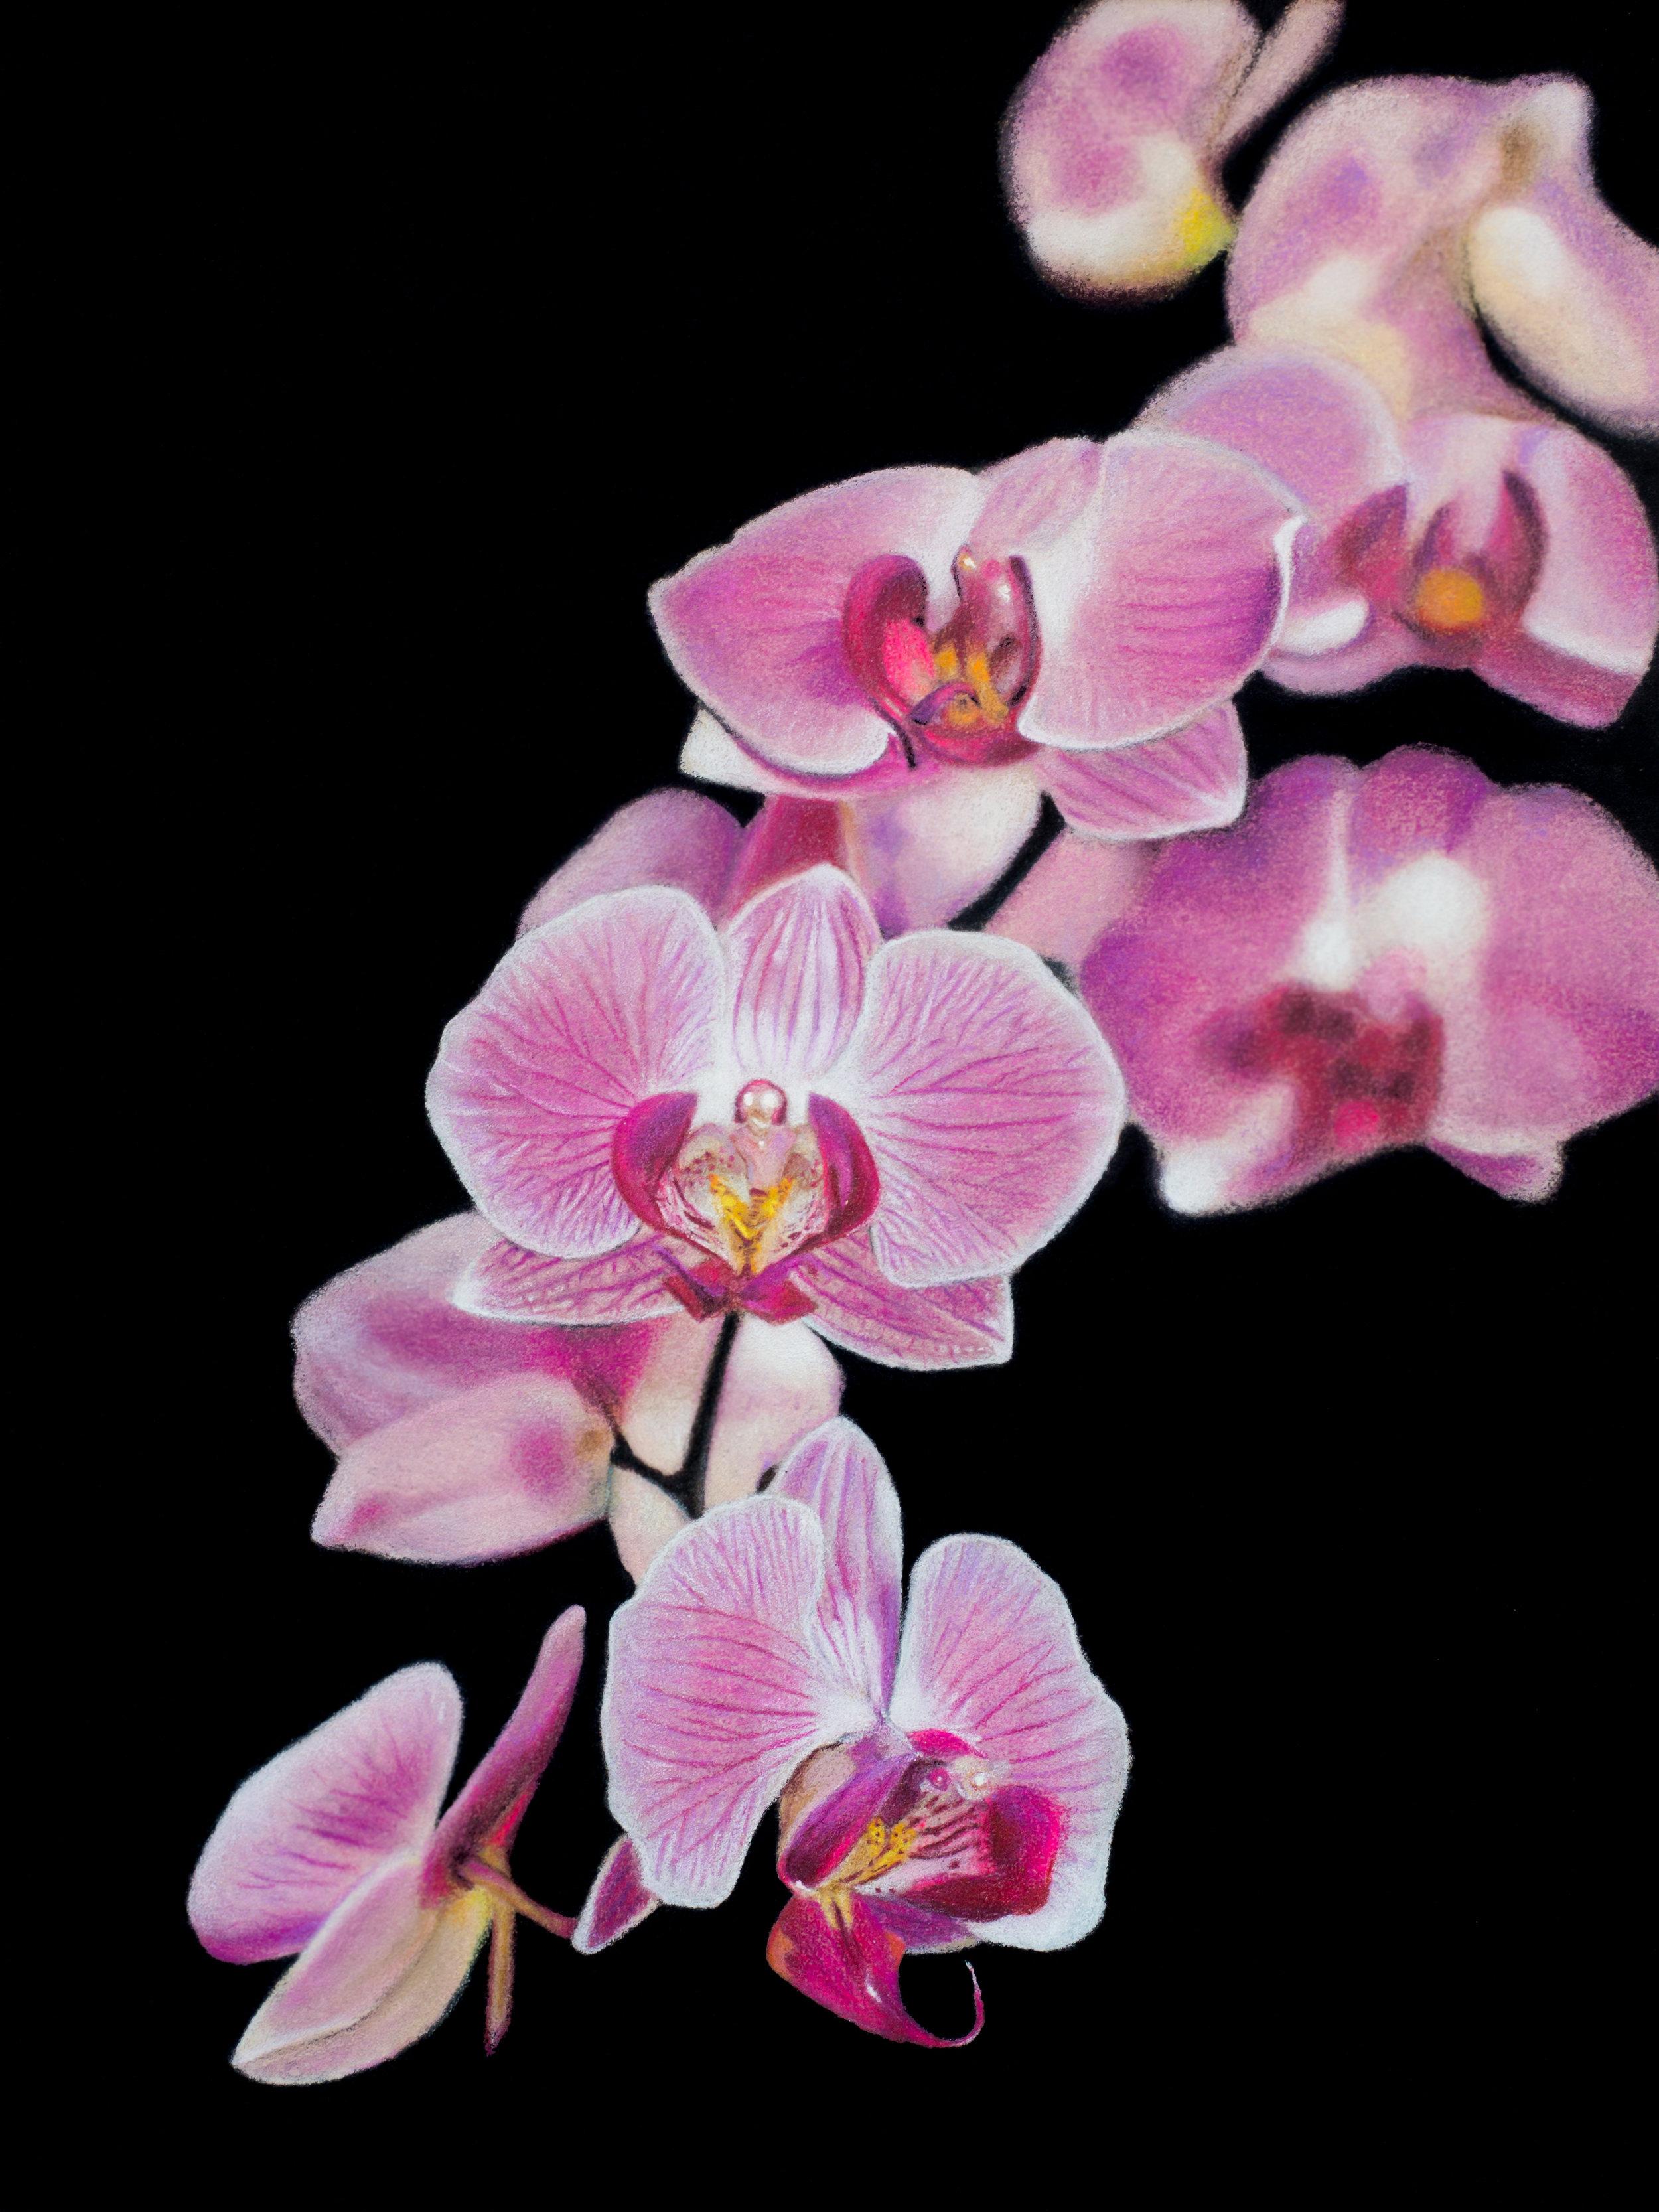 20496922-mandypeltier_orchidblossoms_mixedmedia_9x12_700 (1 of 1).jpg